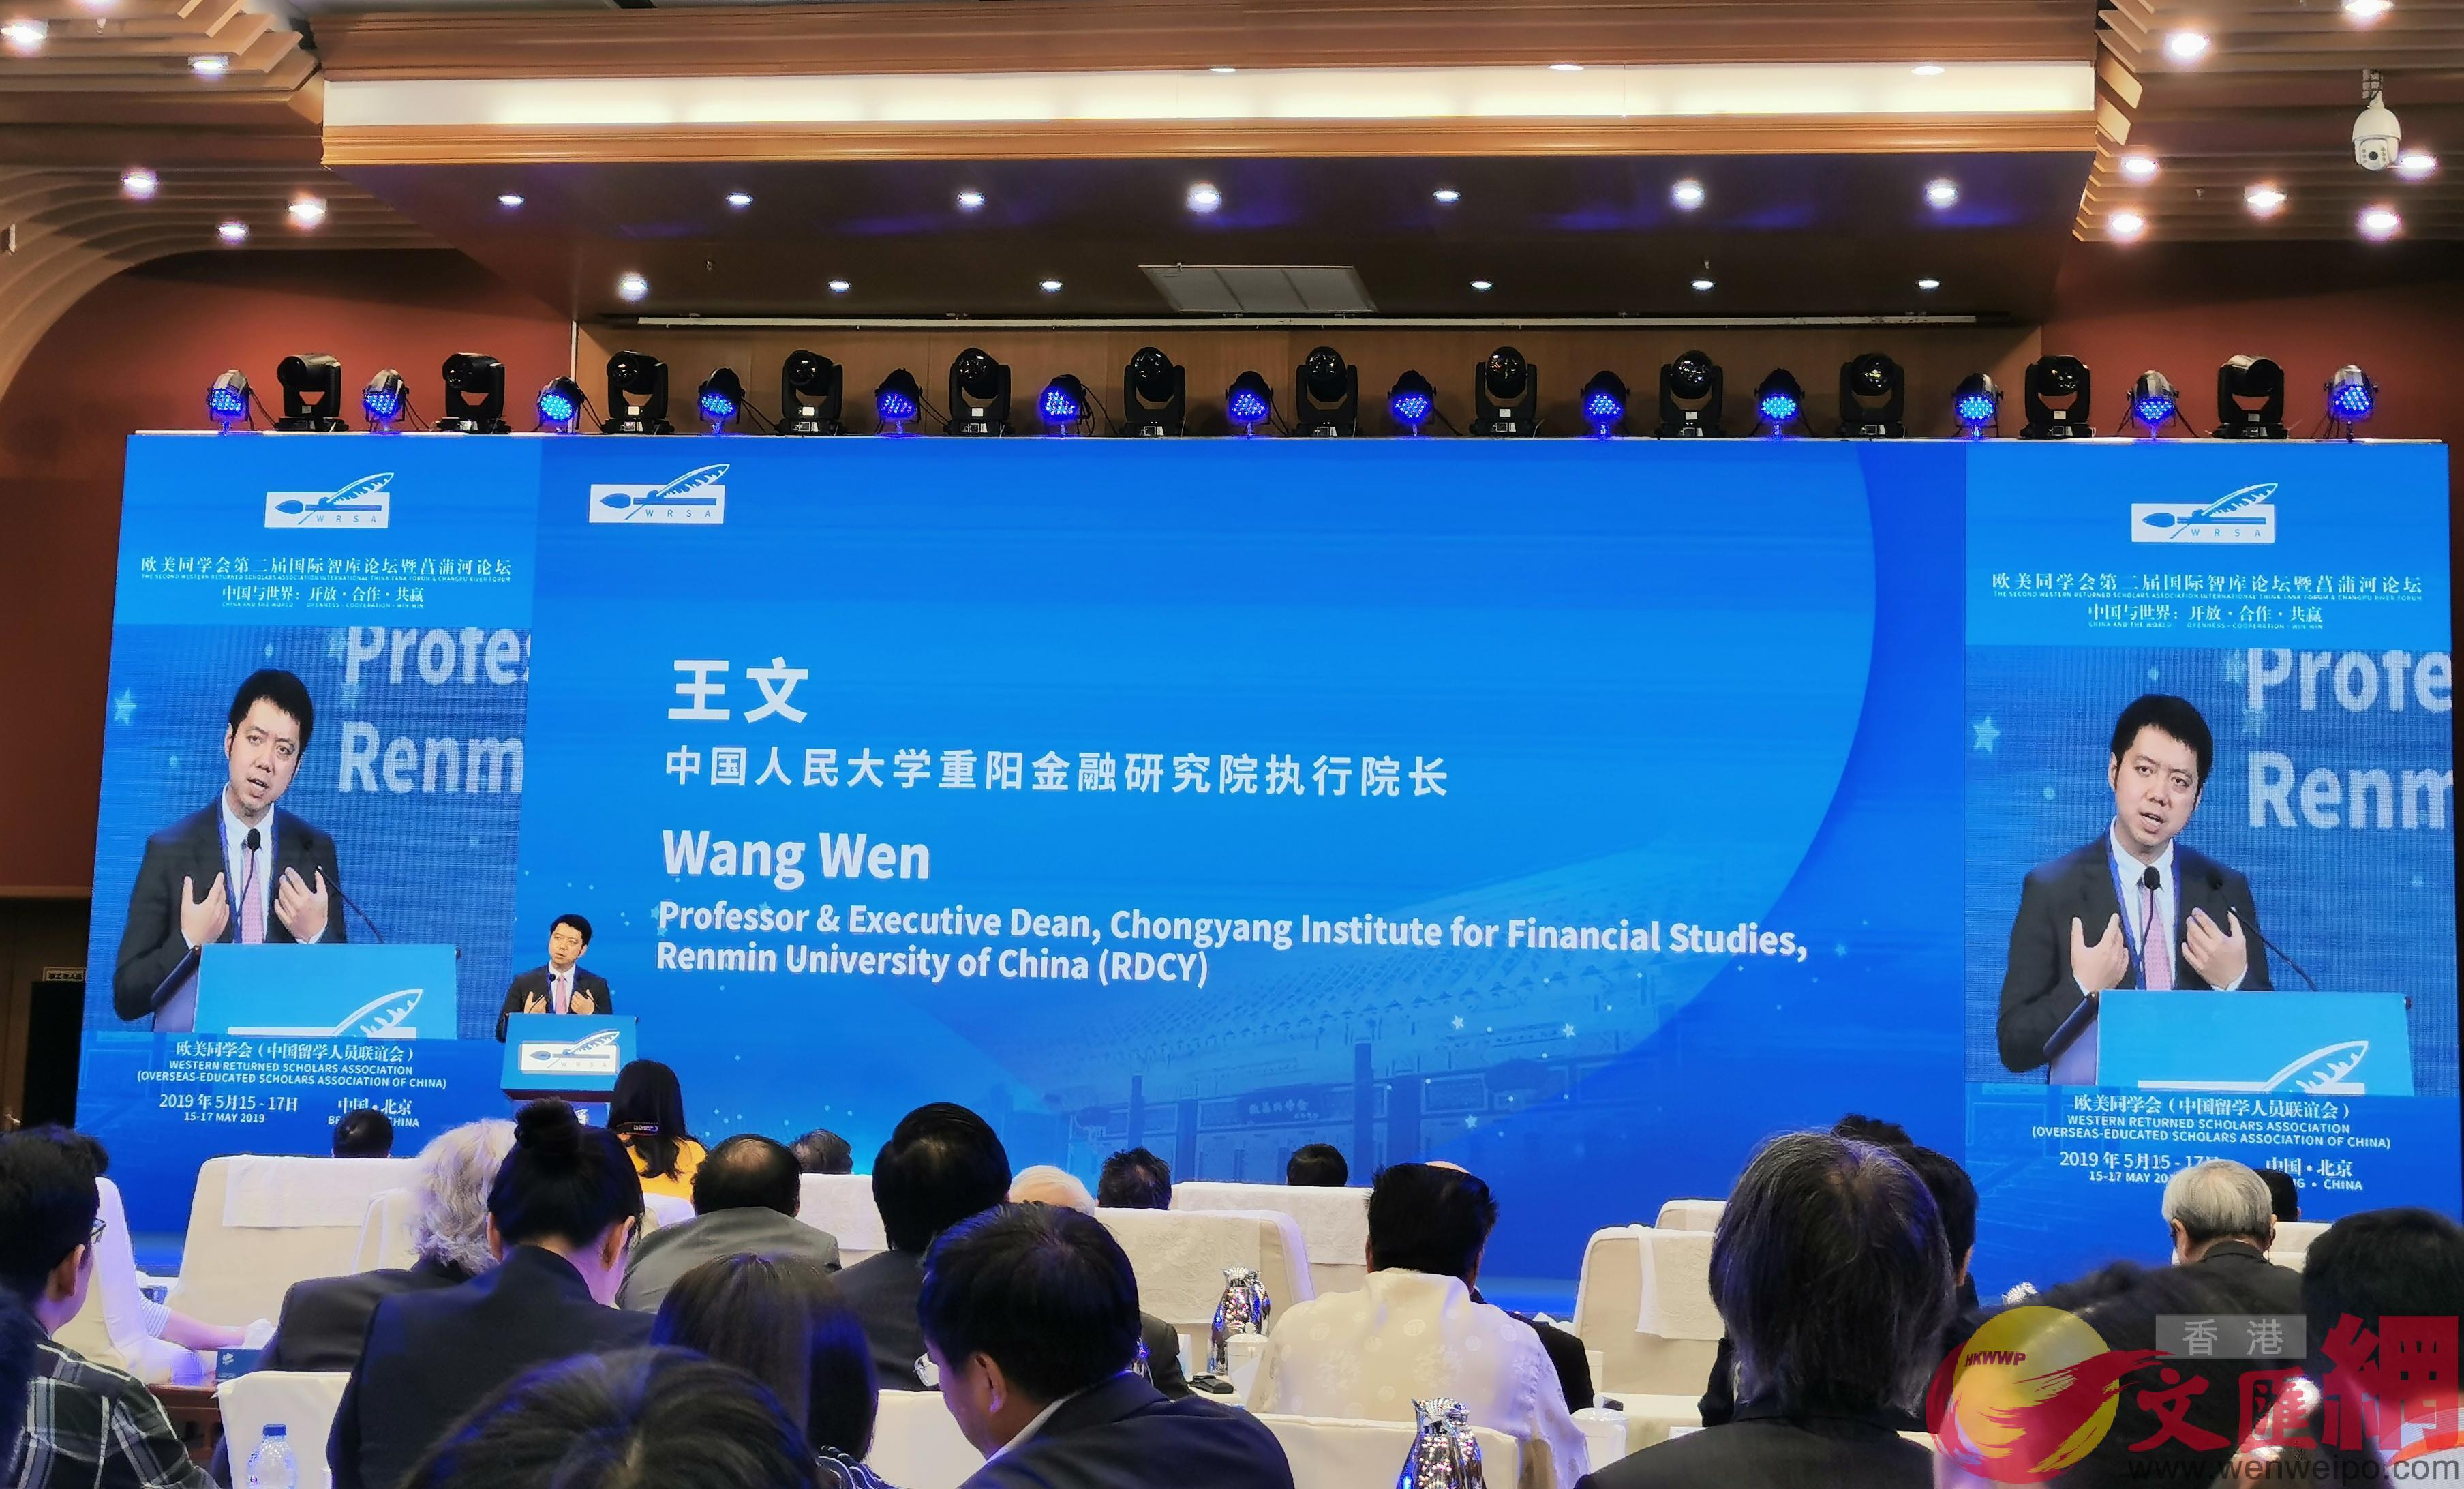 中國人民大學重陽金融研究院執行院長王文發表演講(記者張帥攝)